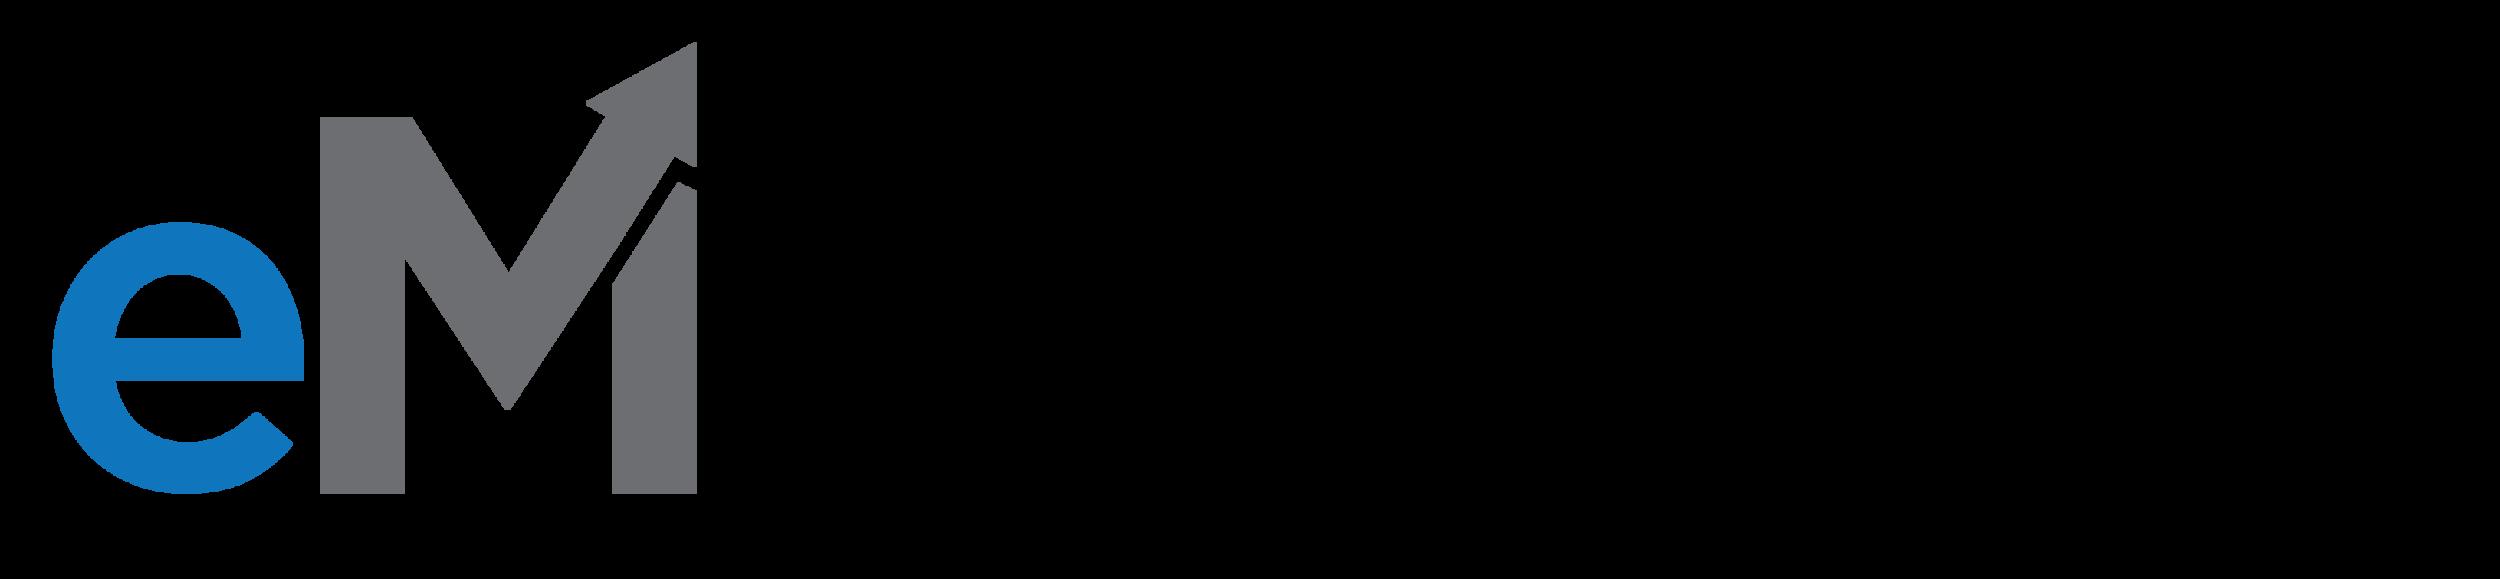 eML_logo_Full (1).png